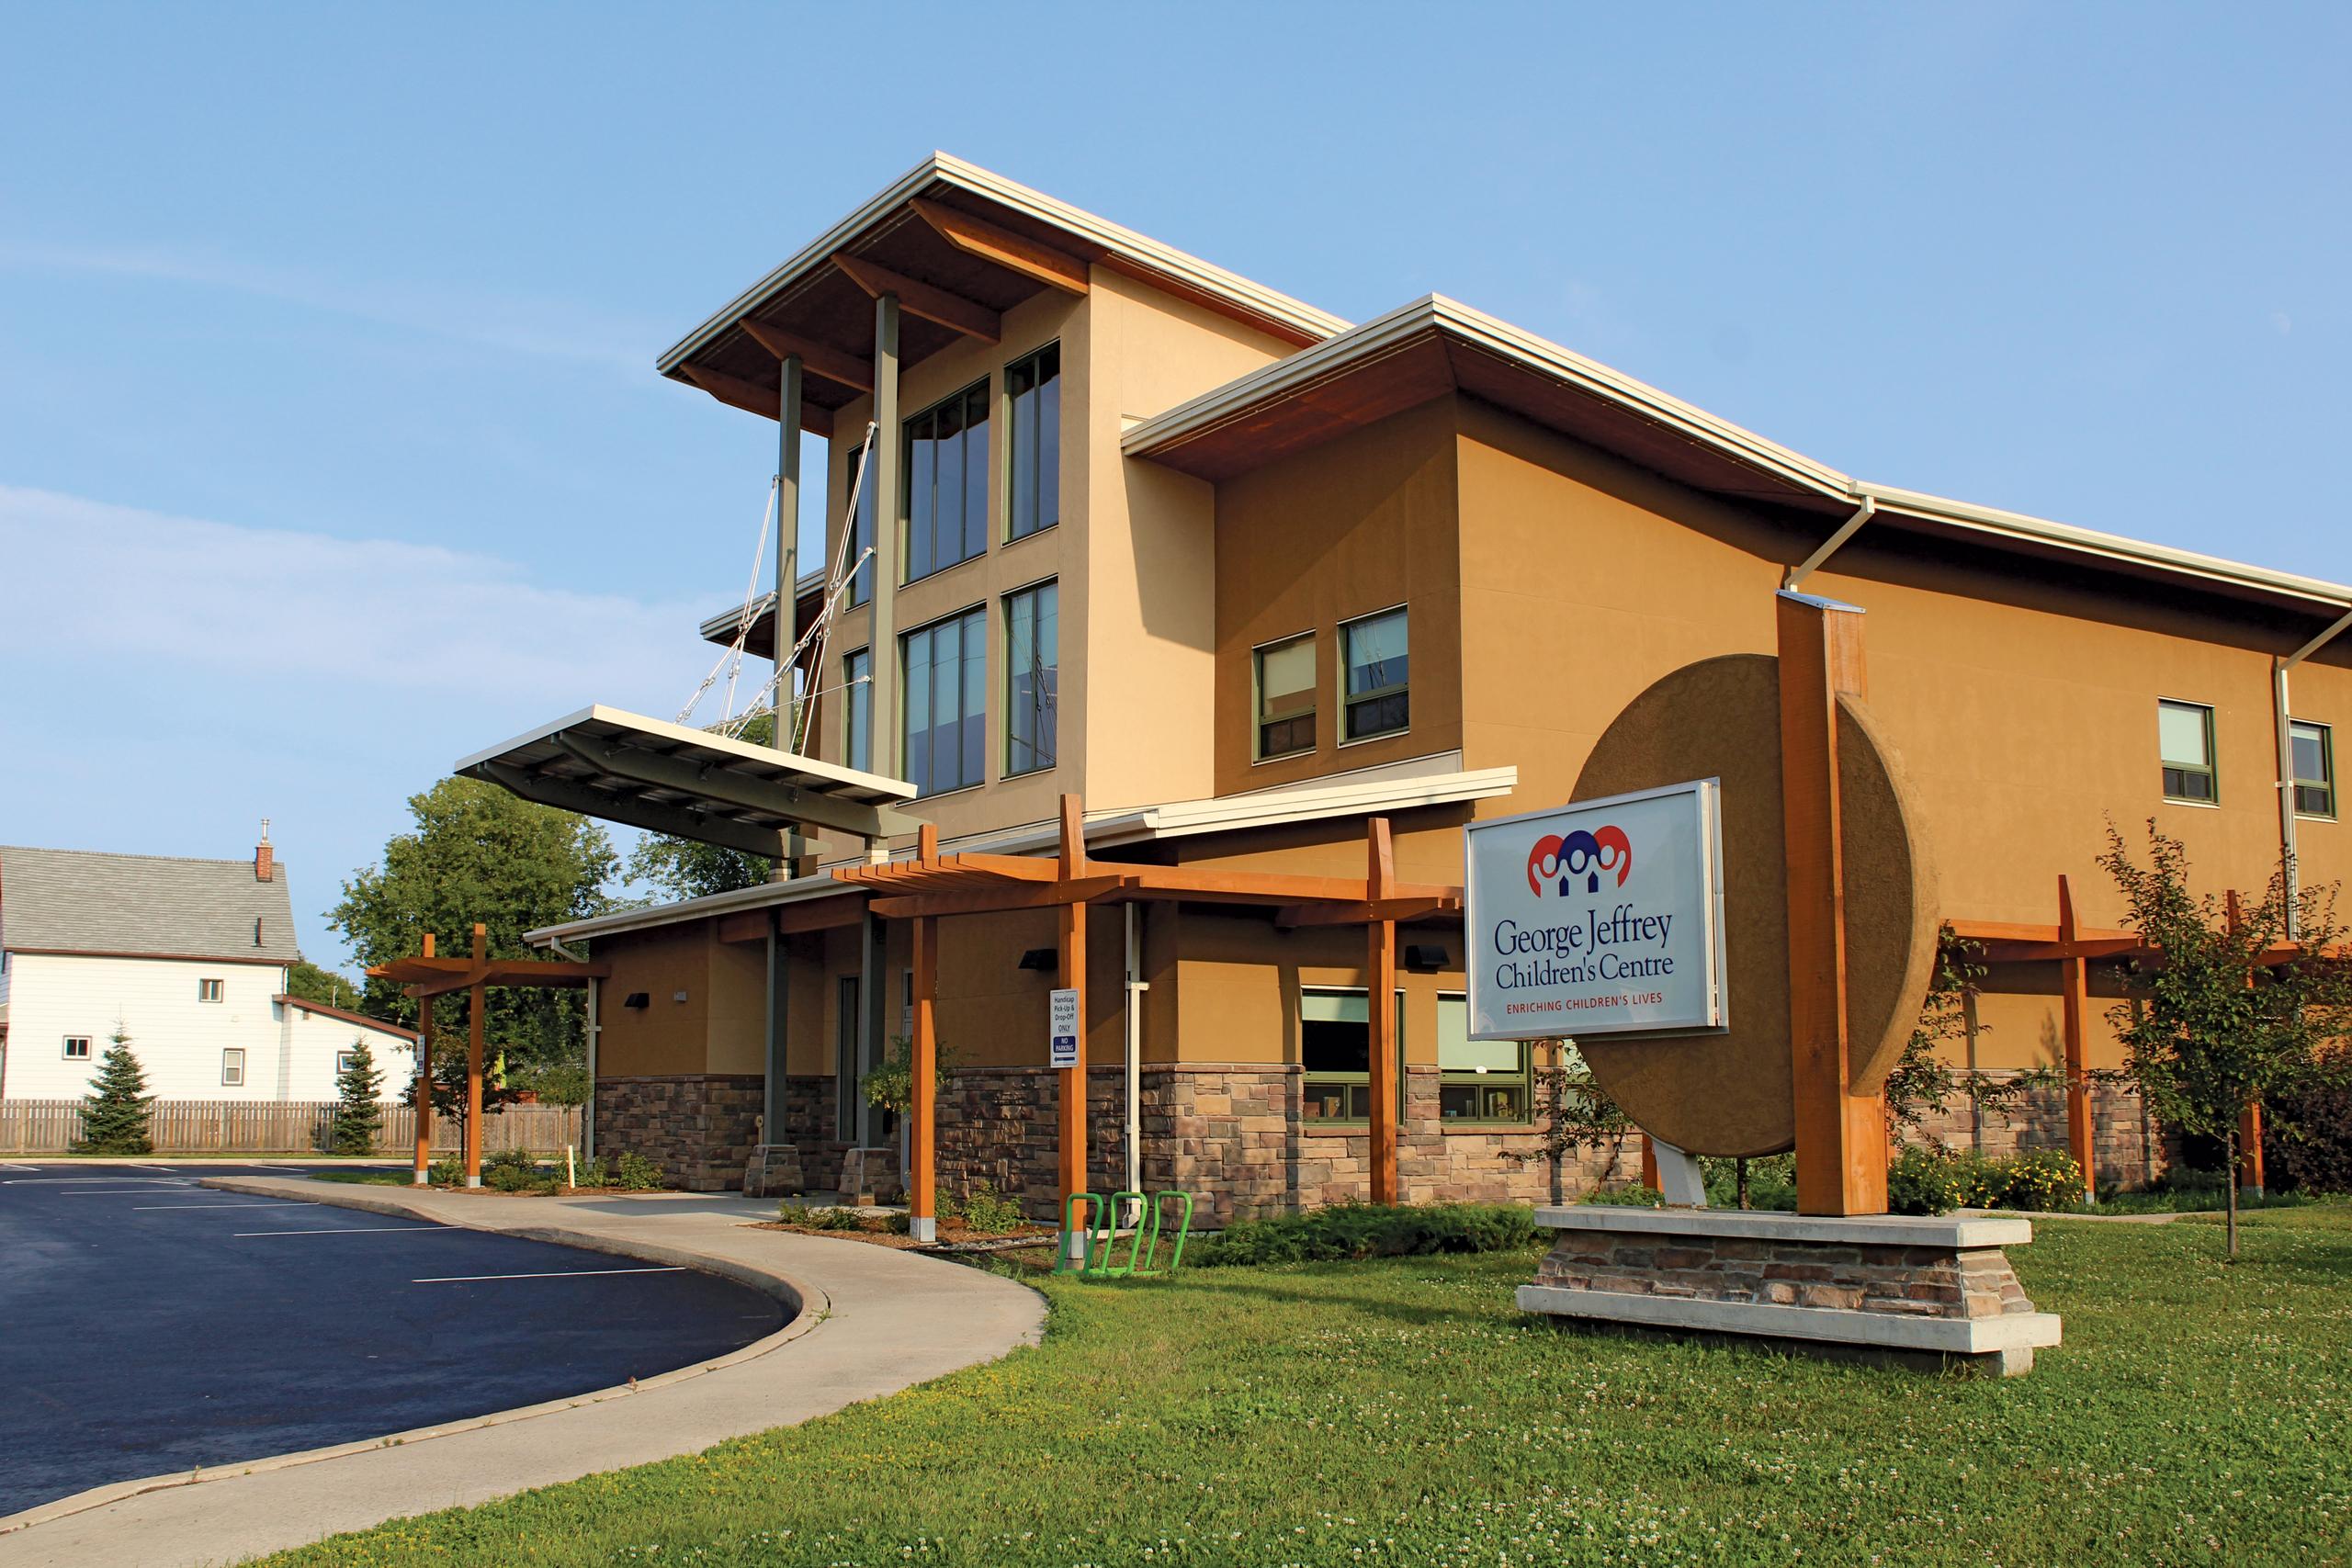 George Jeffrey Children's Centre